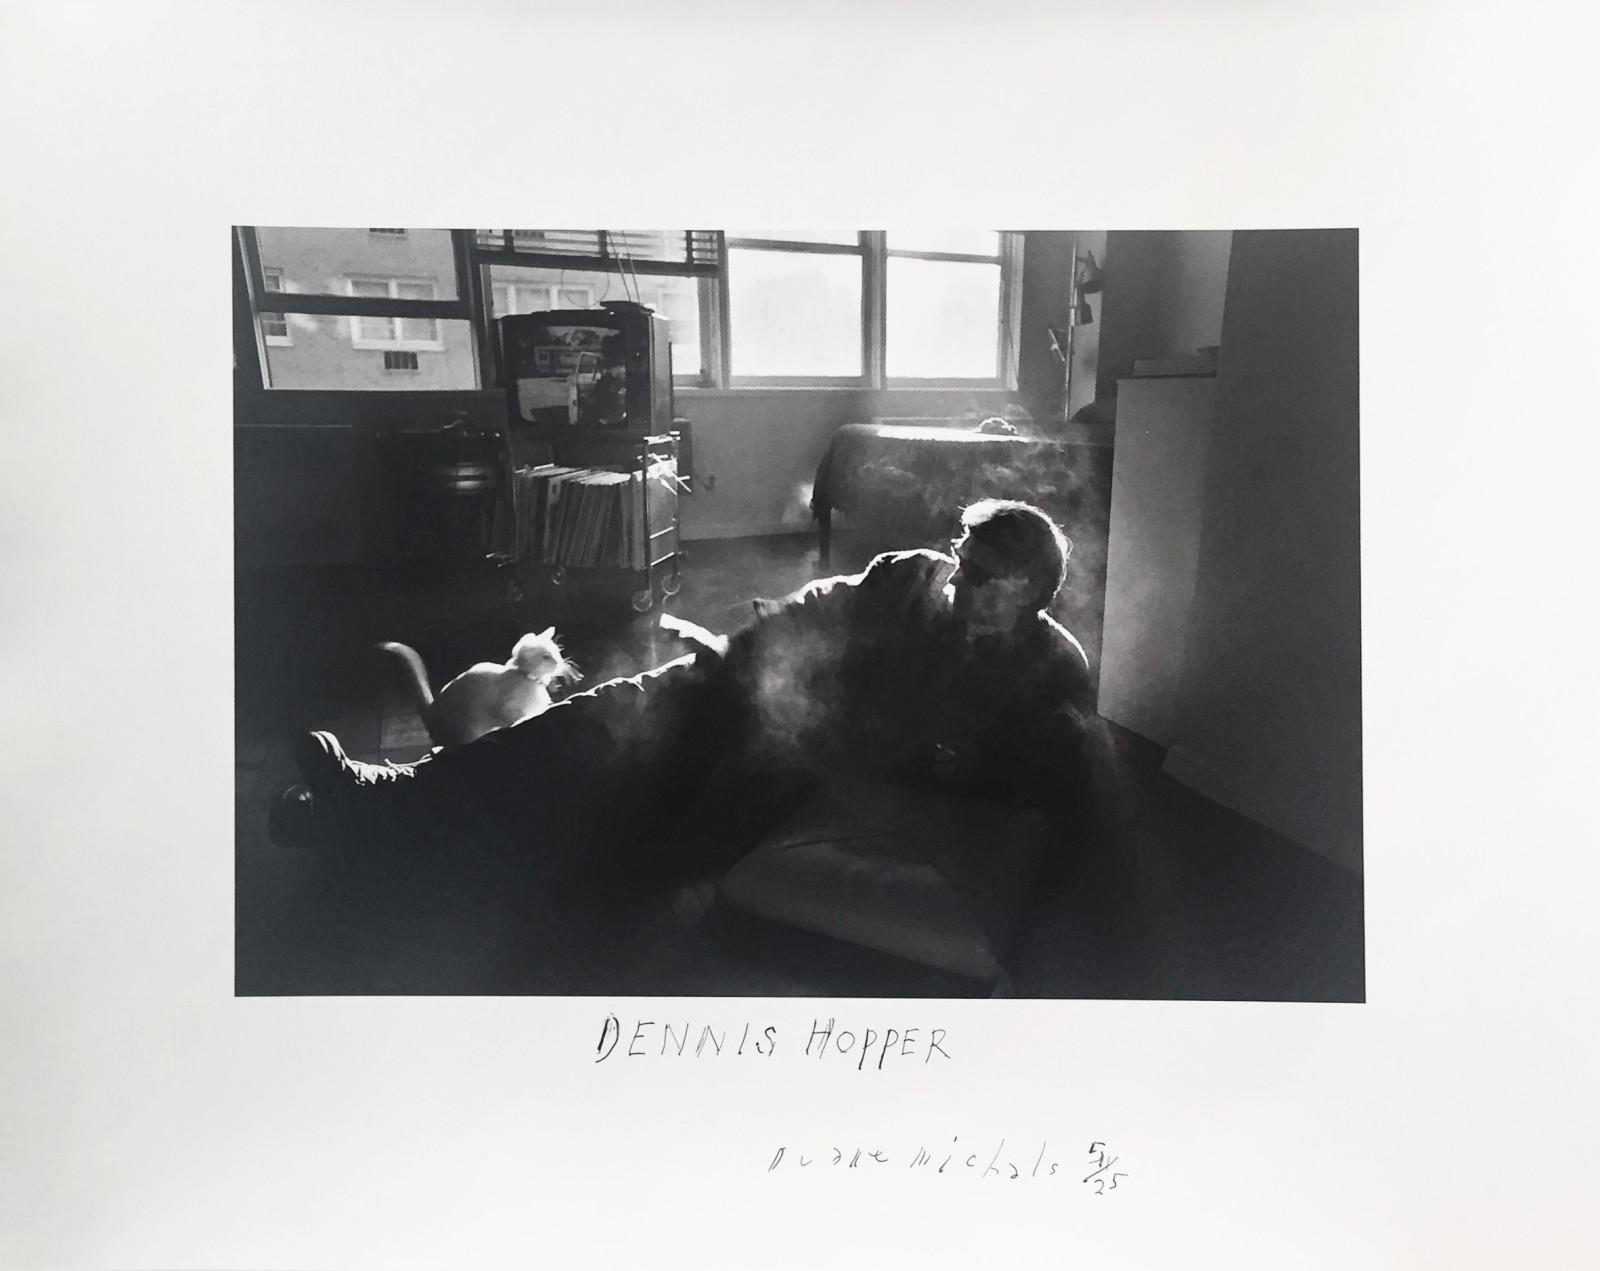 Dennis Hopper, 1980s